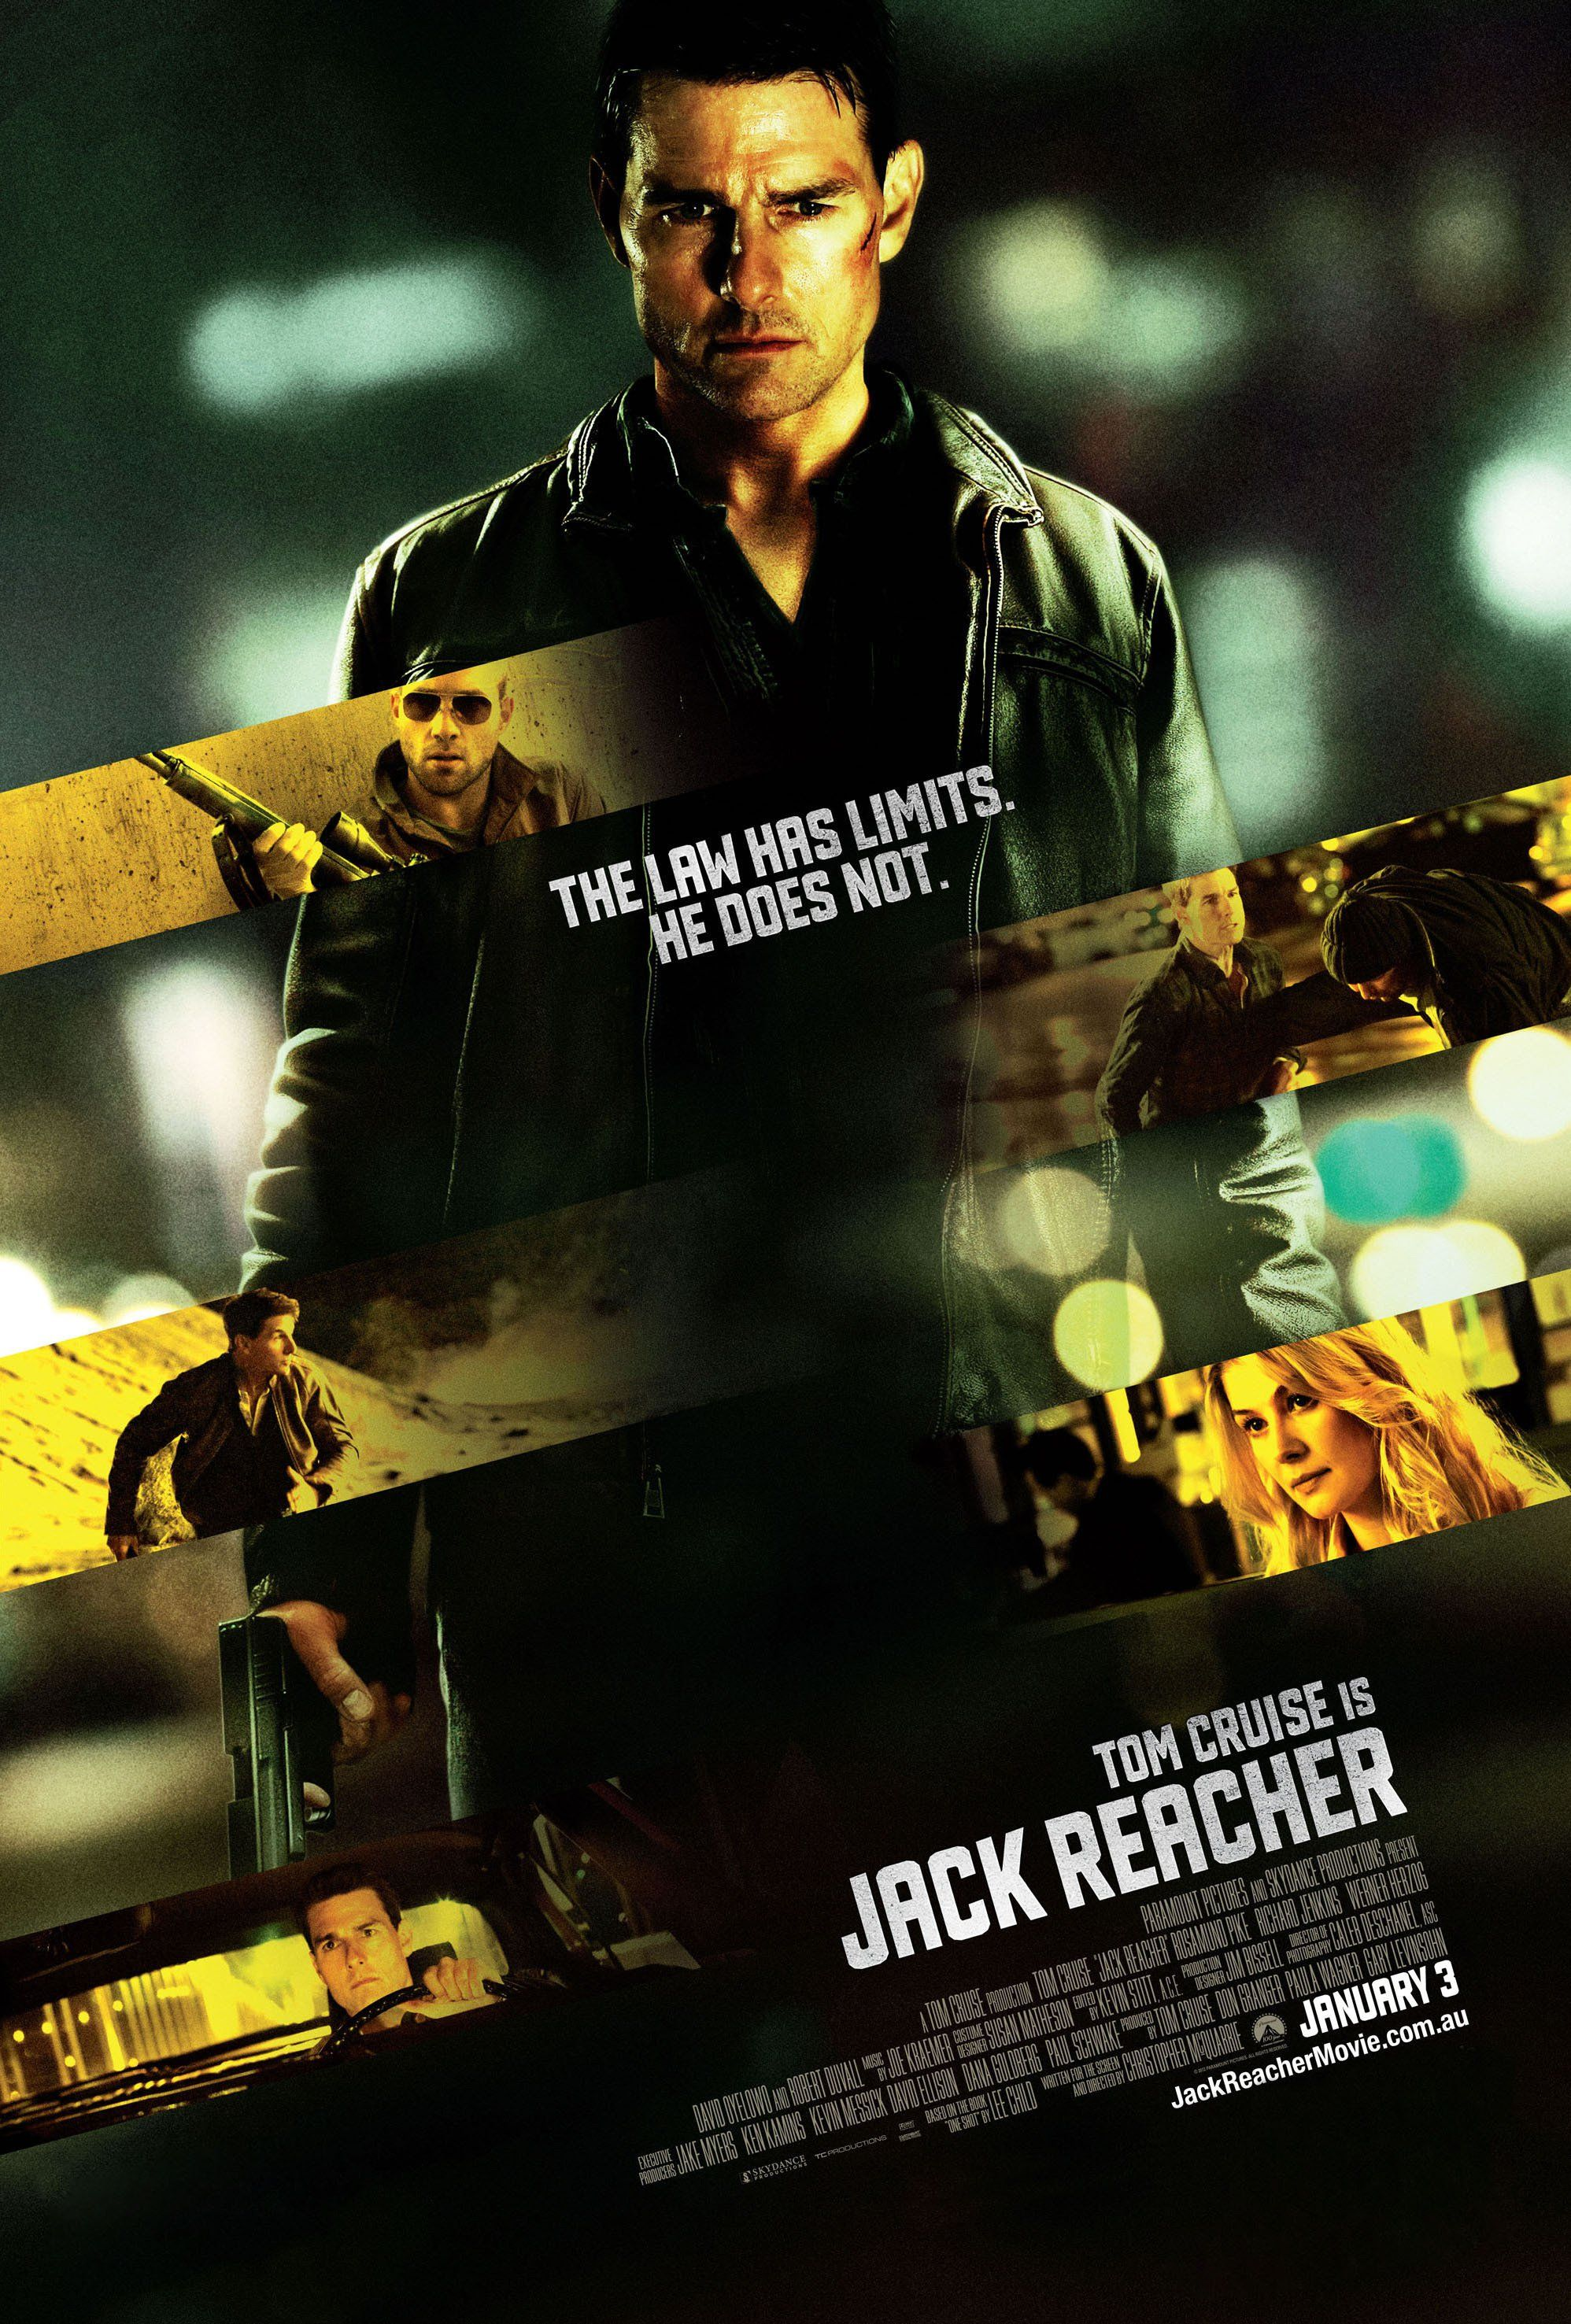 Jack Reacher 2012 Con Imagenes Peliculas Online Peliculas Cine